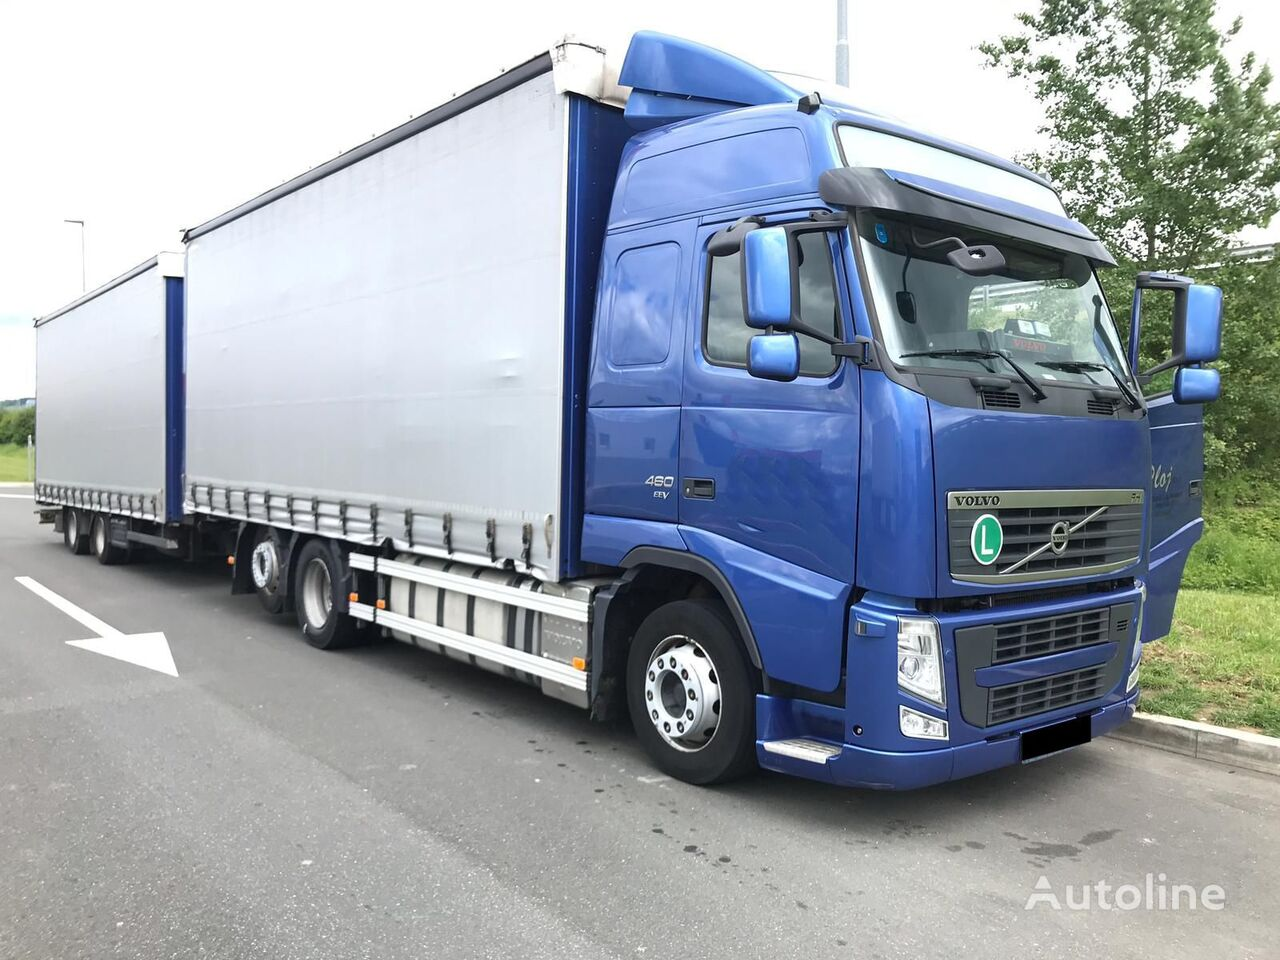 nákladne vozidlo s posuvnou plachtou VOLVO FH 13.480 + príves s bočnou plachtou